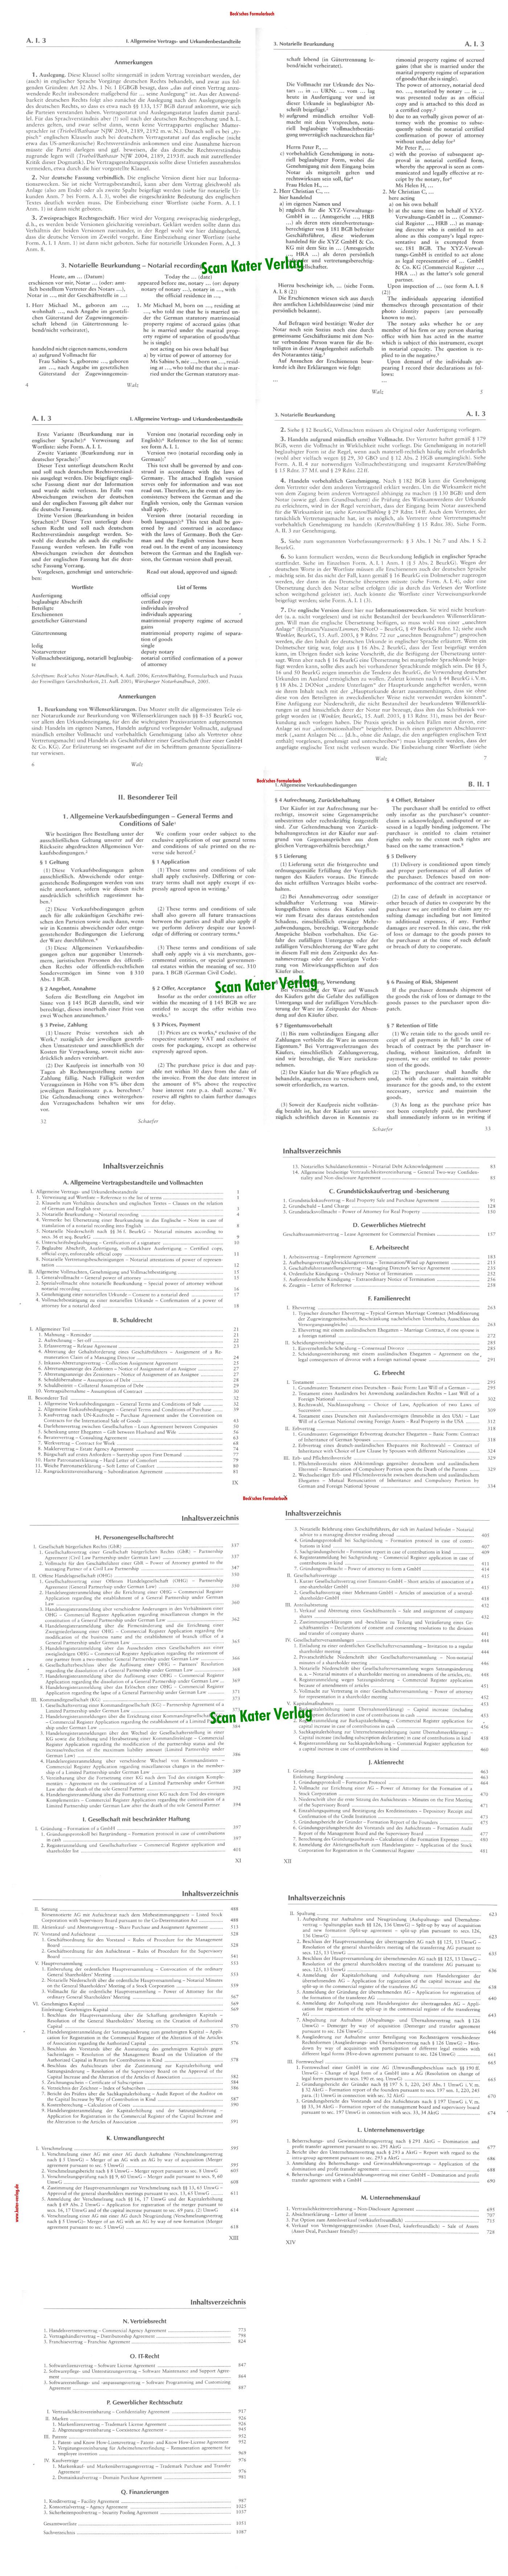 Beck'sches Formularbuch Zivil-, Wirtschafts- und Unternehmensrecht (Buch + CD-ROM) Deutsch-Englisch DE-EN